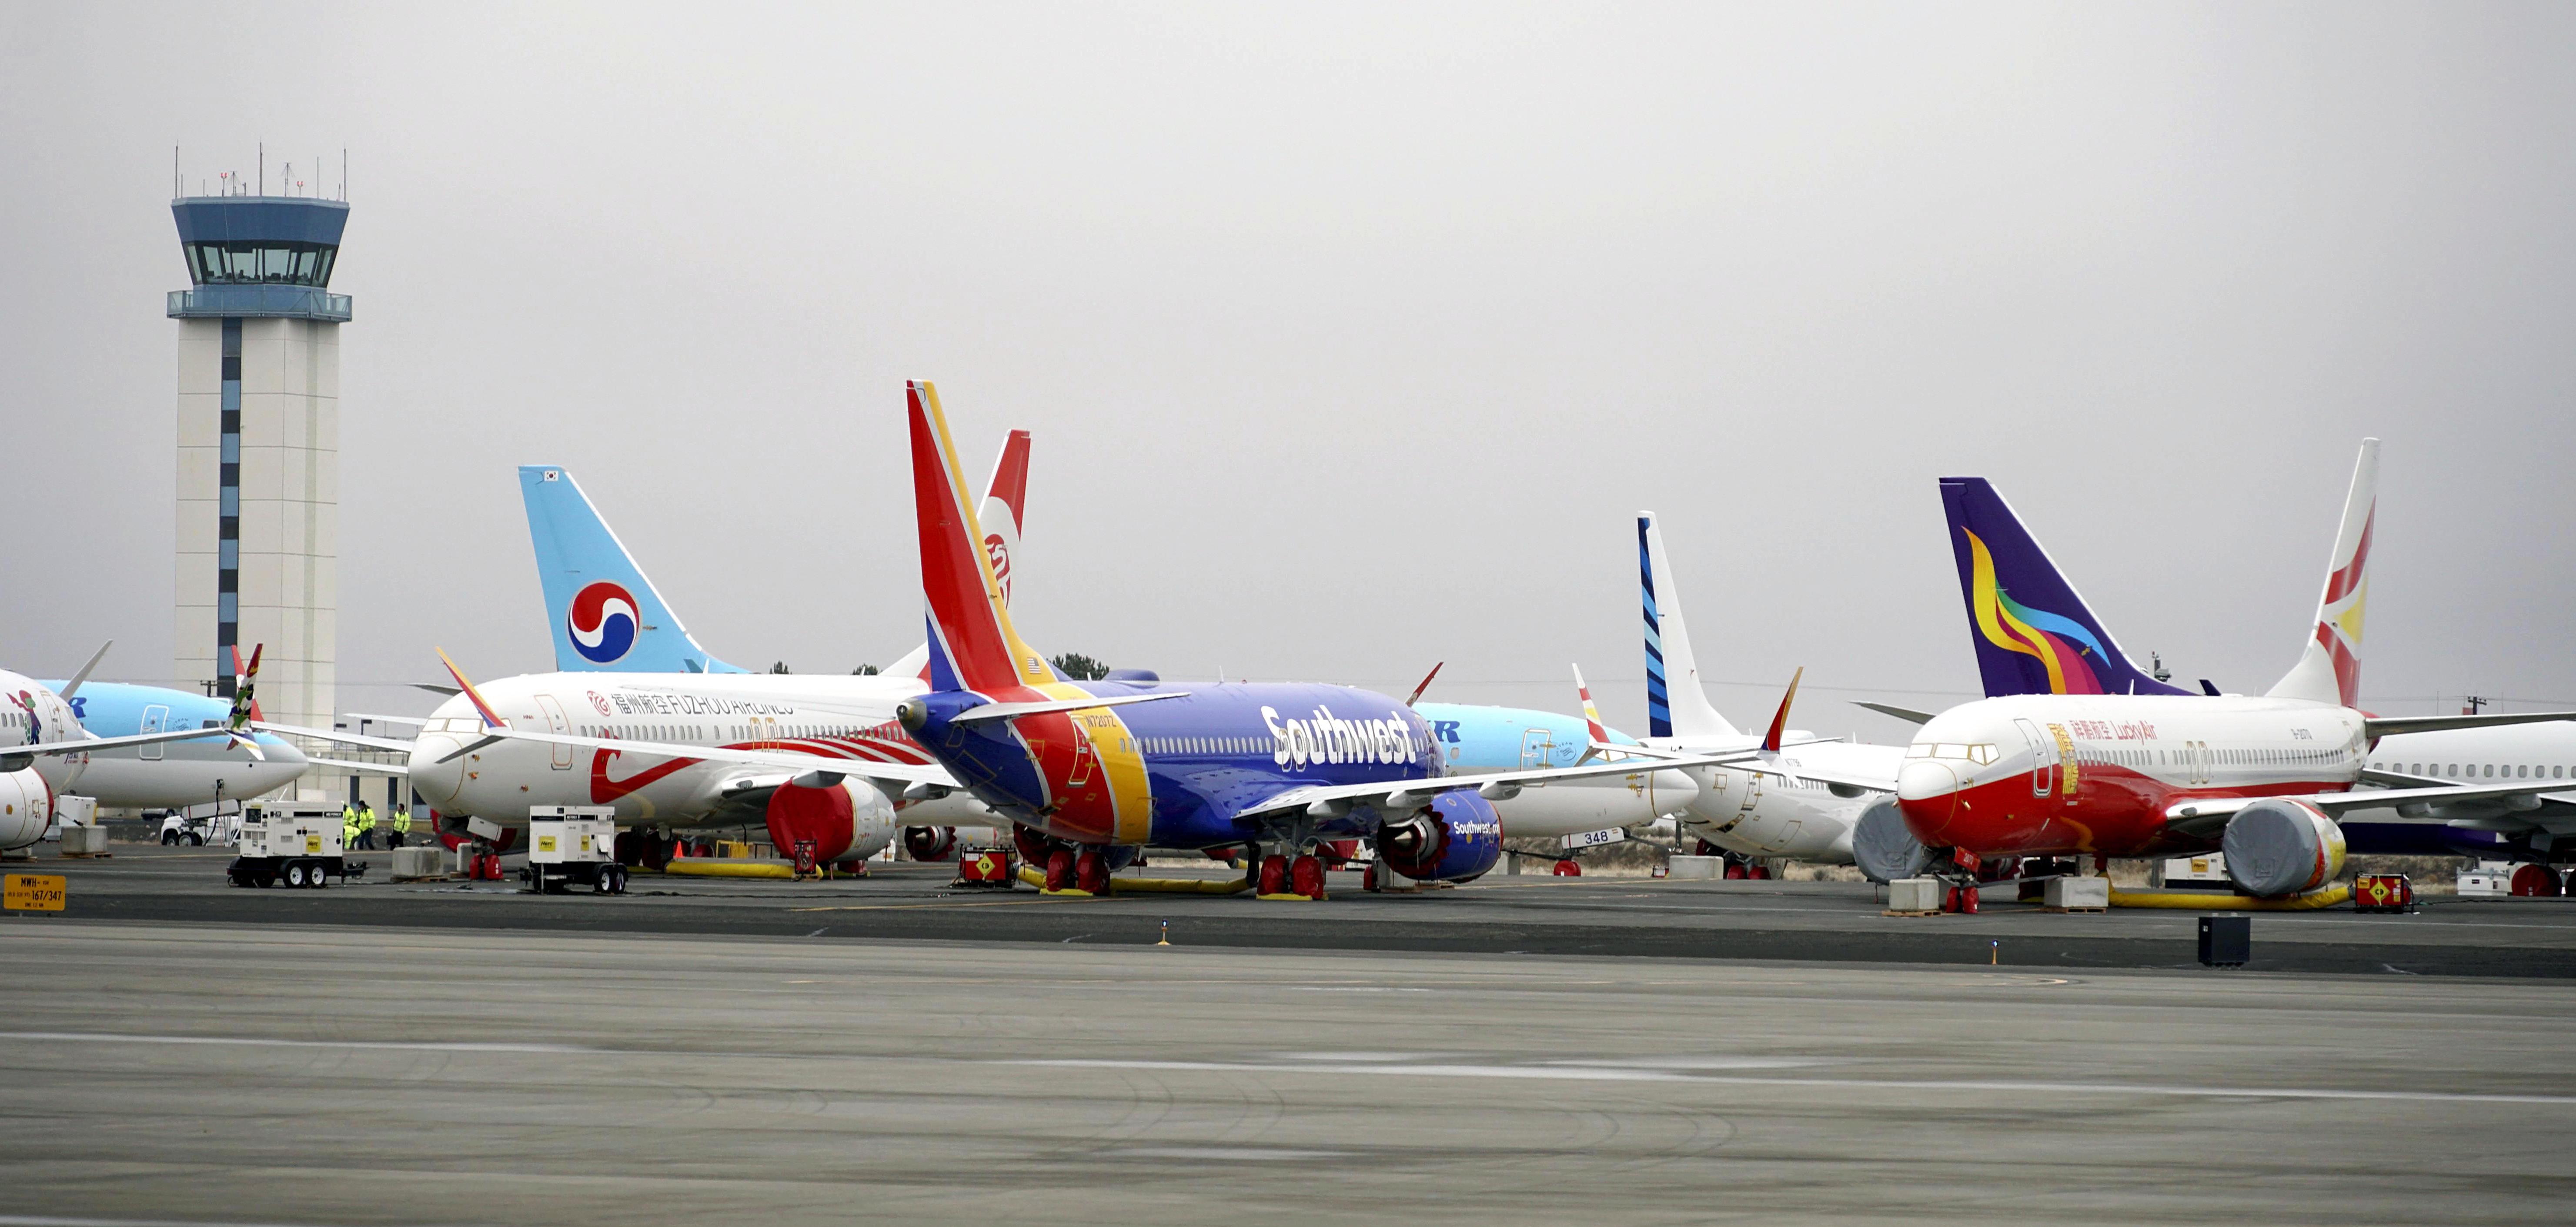 Újabb szoftverhibát talált a Boeing a 737 MAX gépein